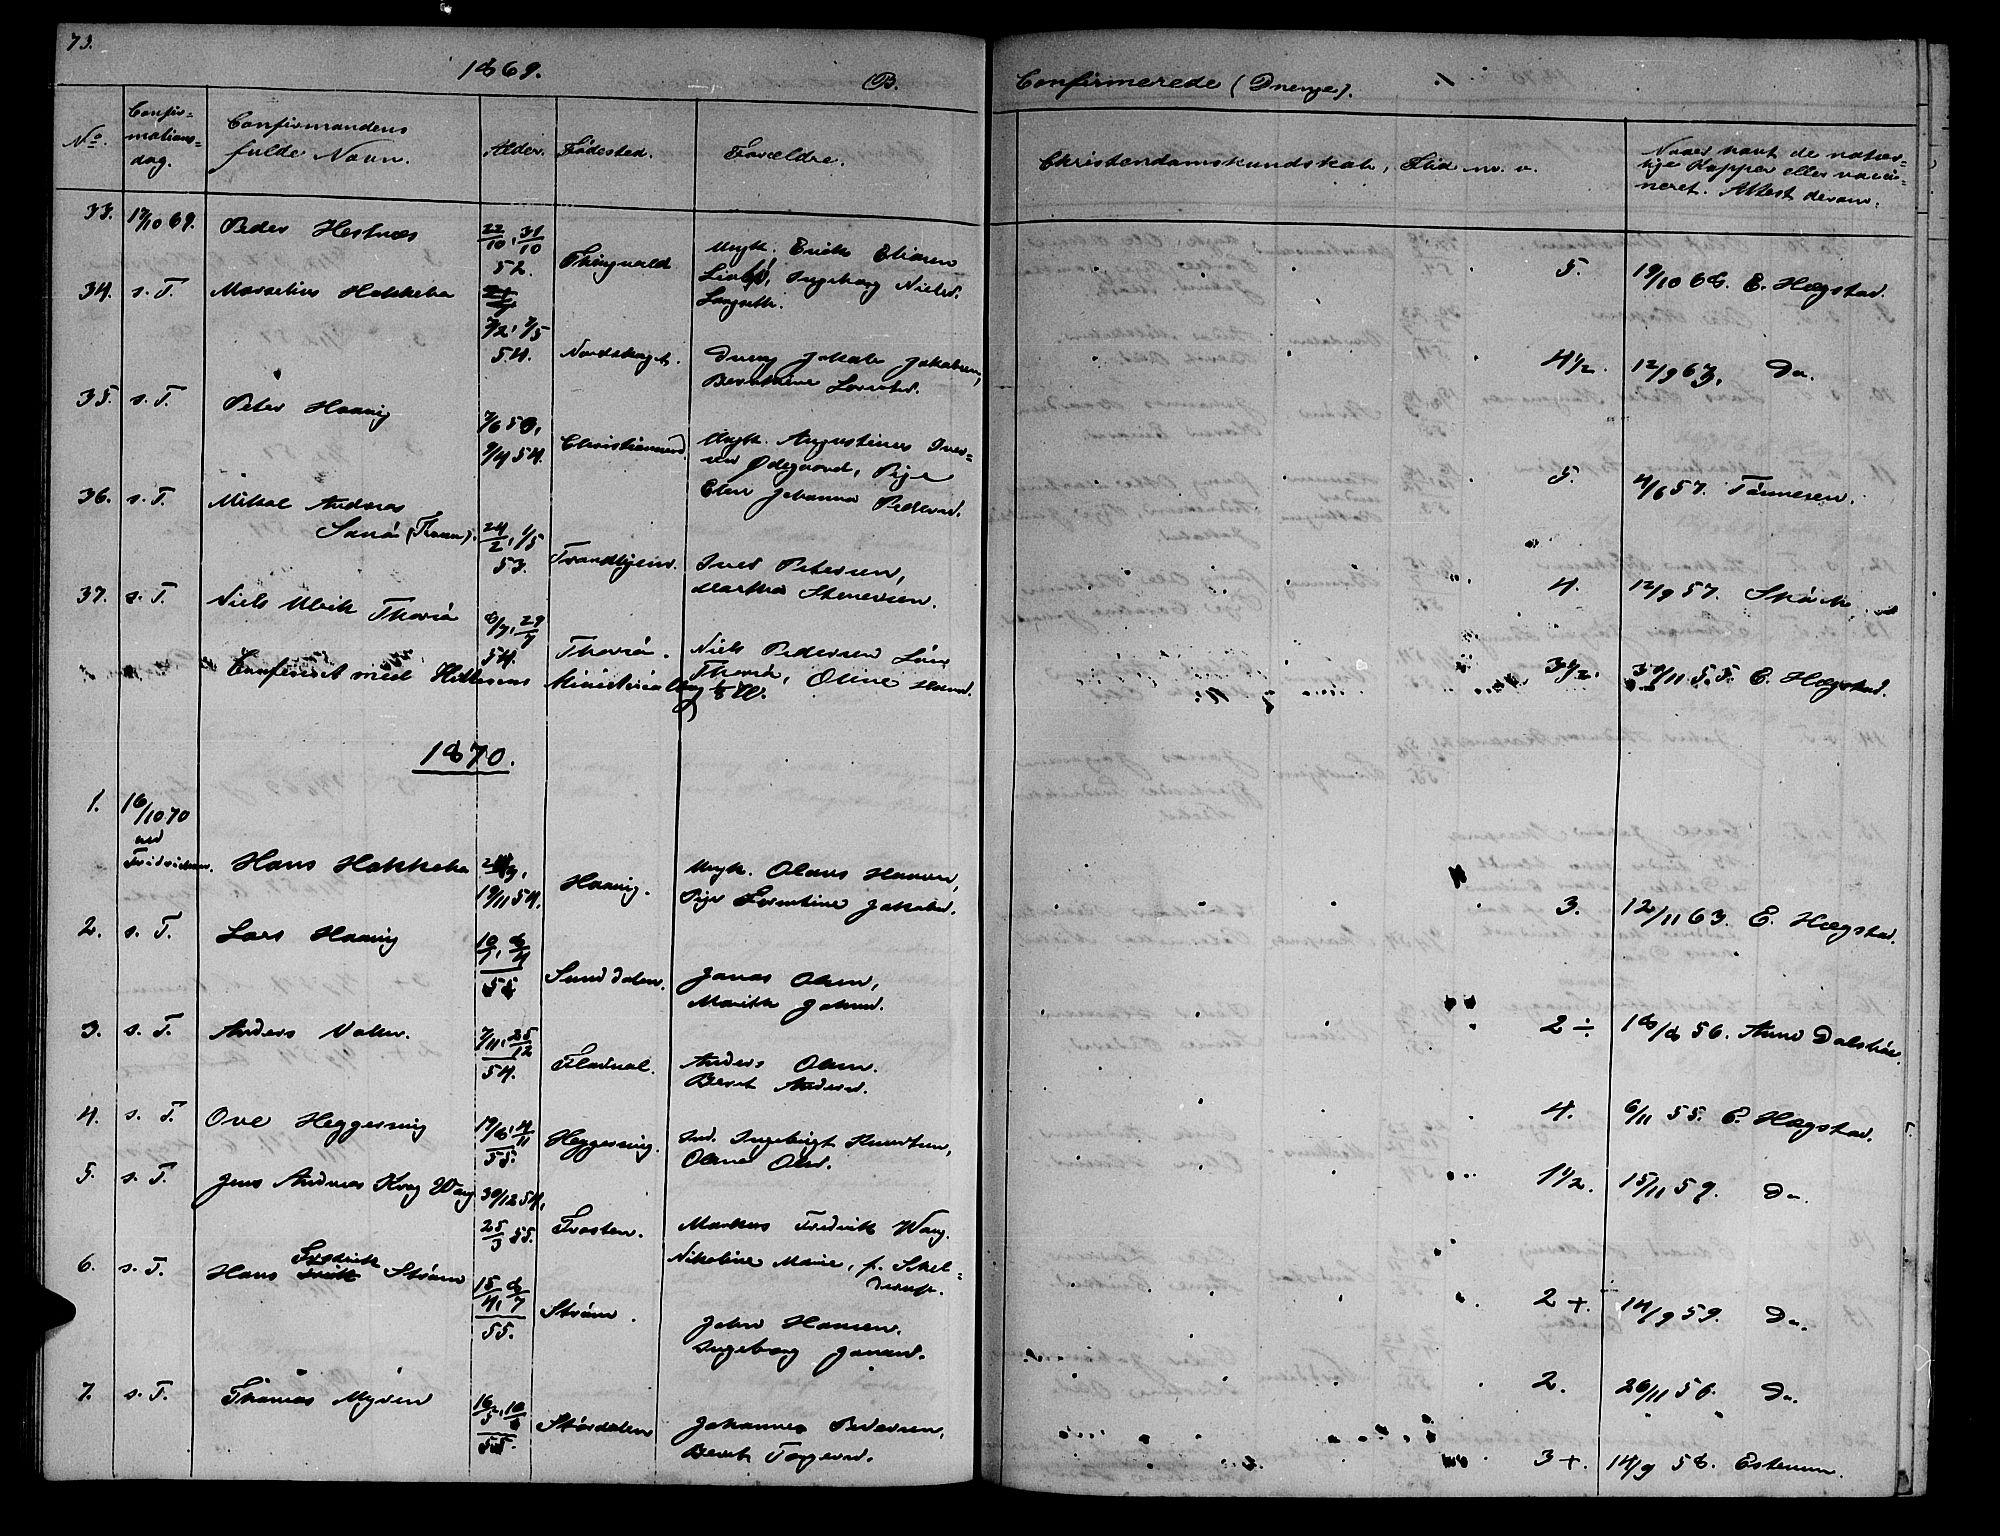 SAT, Ministerialprotokoller, klokkerbøker og fødselsregistre - Sør-Trøndelag, 634/L0539: Klokkerbok nr. 634C01, 1866-1873, s. 73